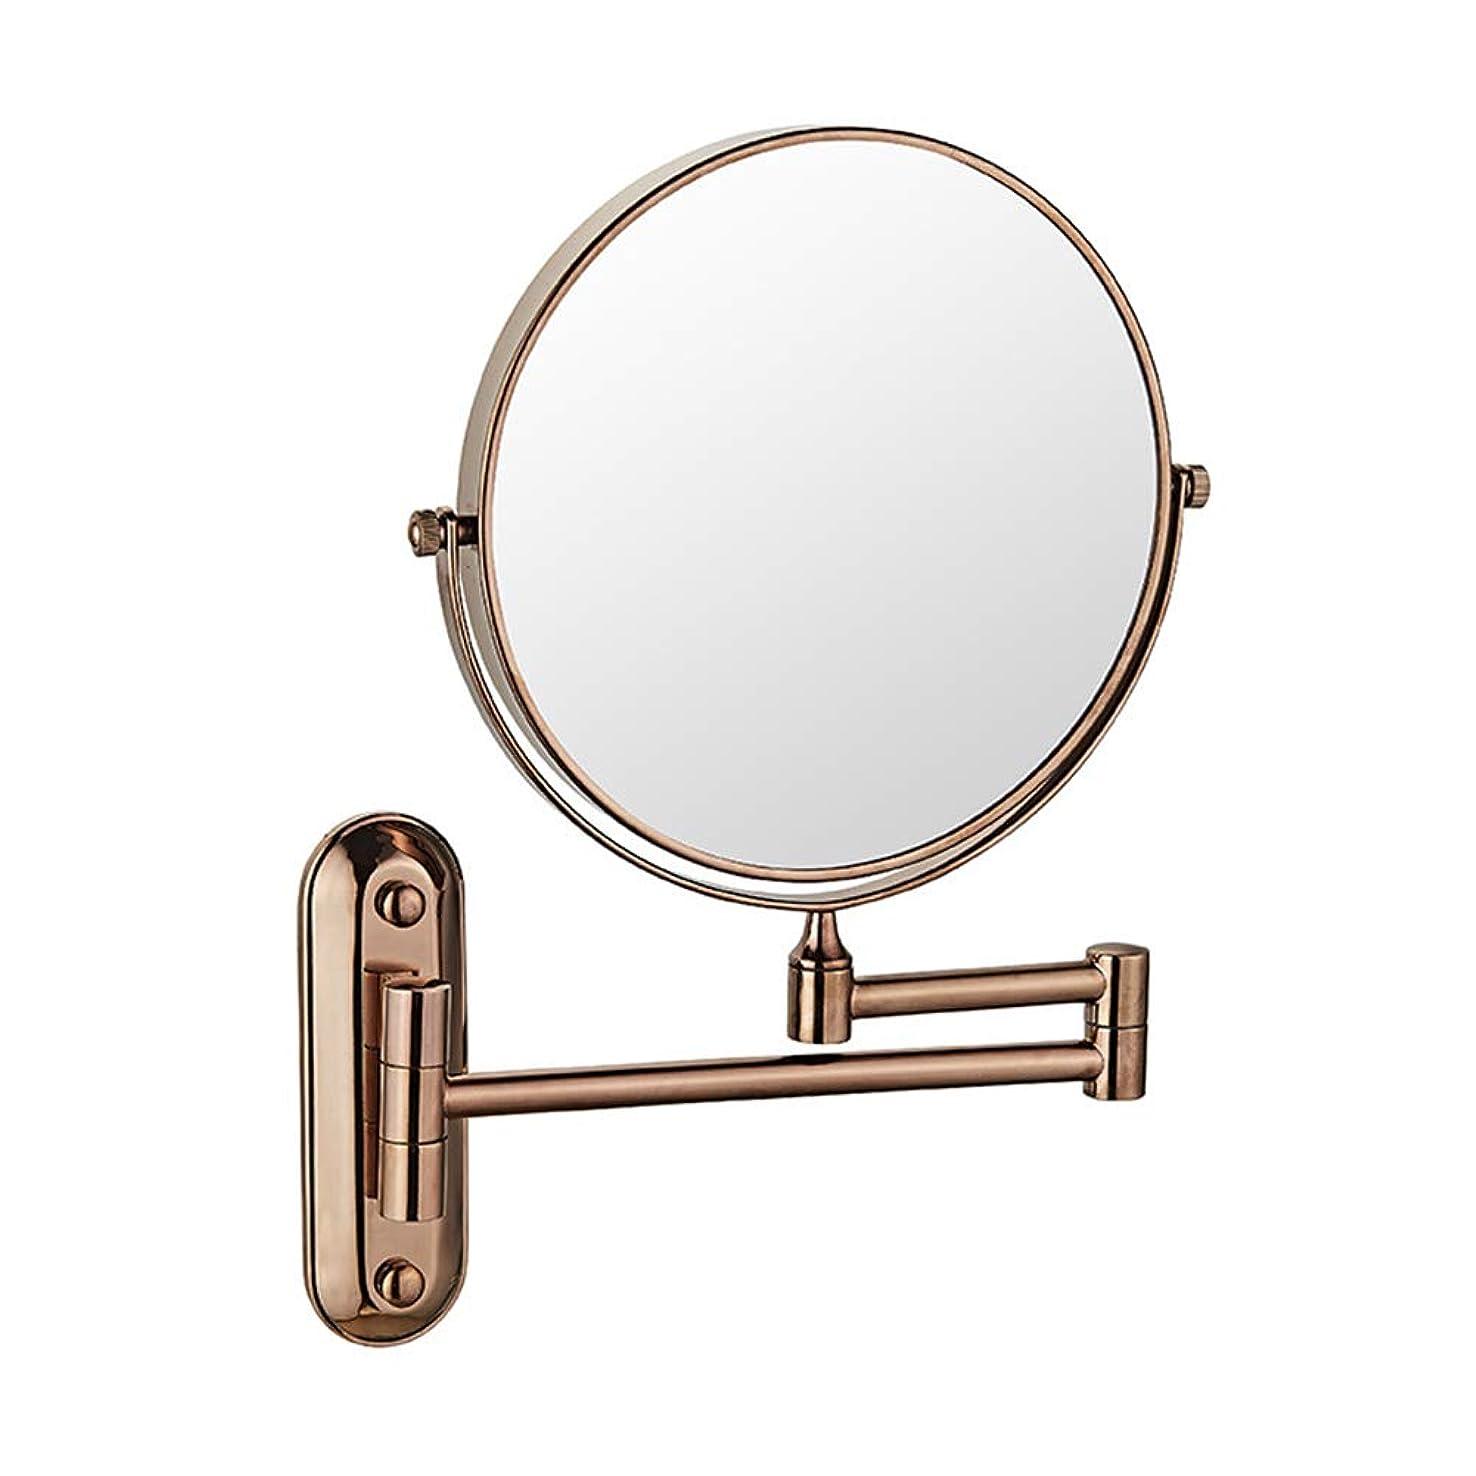 一緒に悲しみヘア両面化粧鏡、壁掛け式伸縮式折りたたみ化粧鏡360°回転用女性用化粧,C,8inches5times